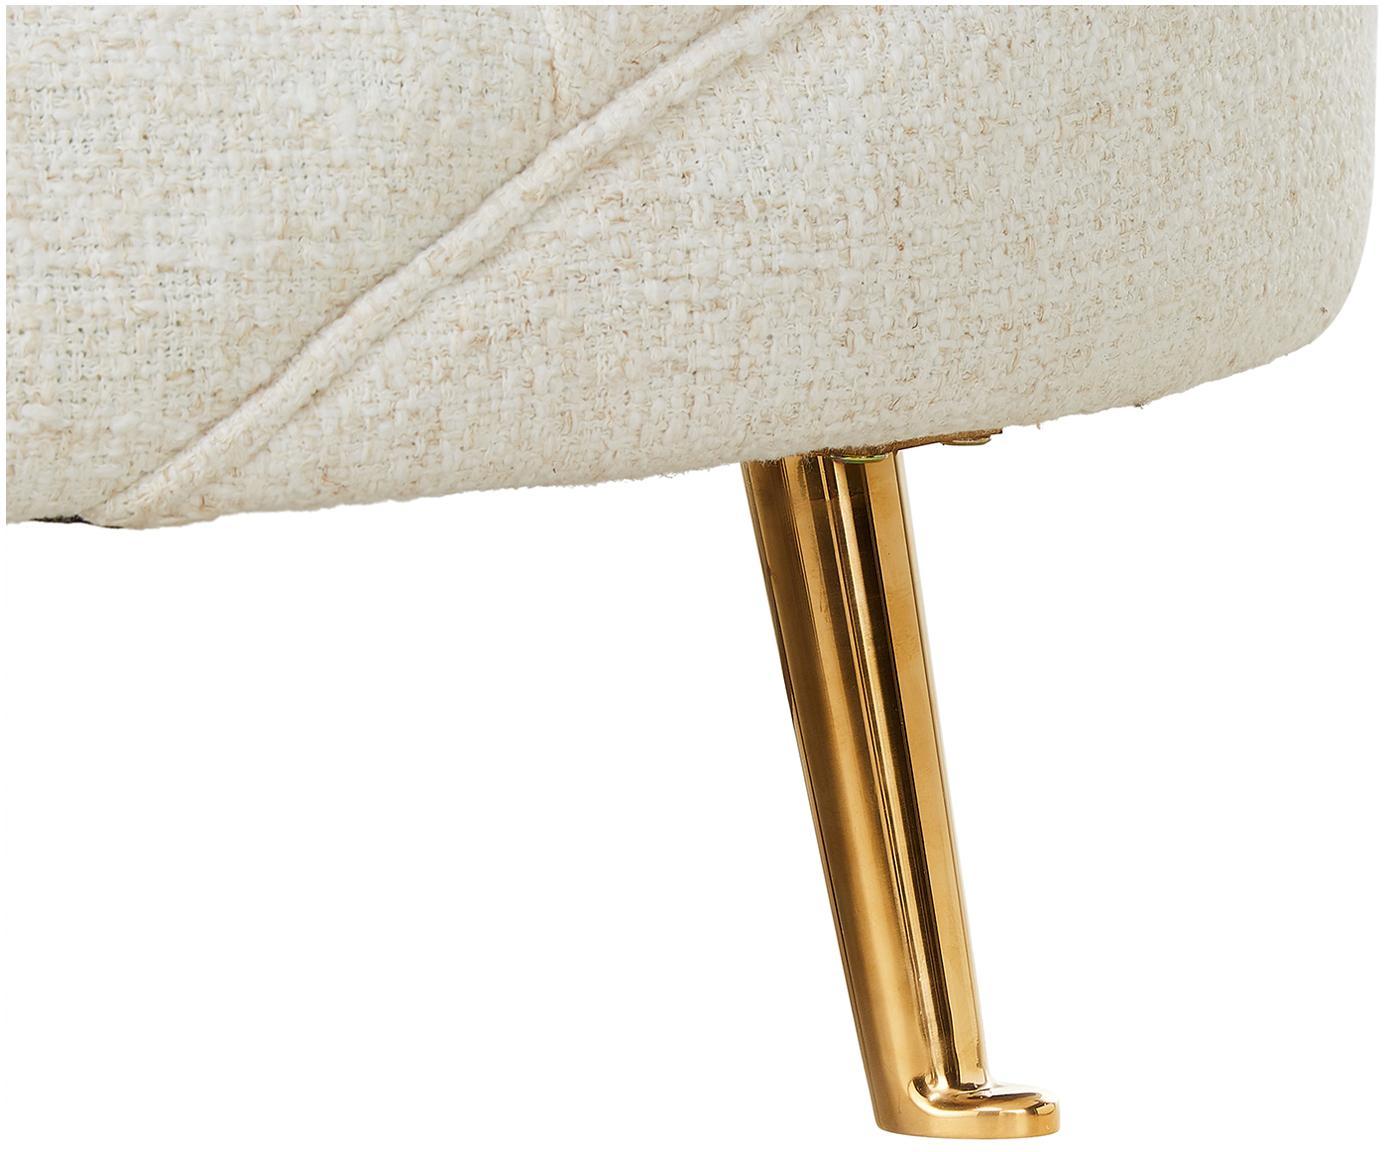 Sofa bouclé w kształcie nerki  Gatsby (3-osobowa), Tapicerka: bouclé (70% poliester, 20, Stelaż: lite drewno eukaliptusowe, Nogi: metal galwanizowany, Tapicerka: beżowy Nogi: odcienie złotego, błyszczący, S 245 x G 102 cm